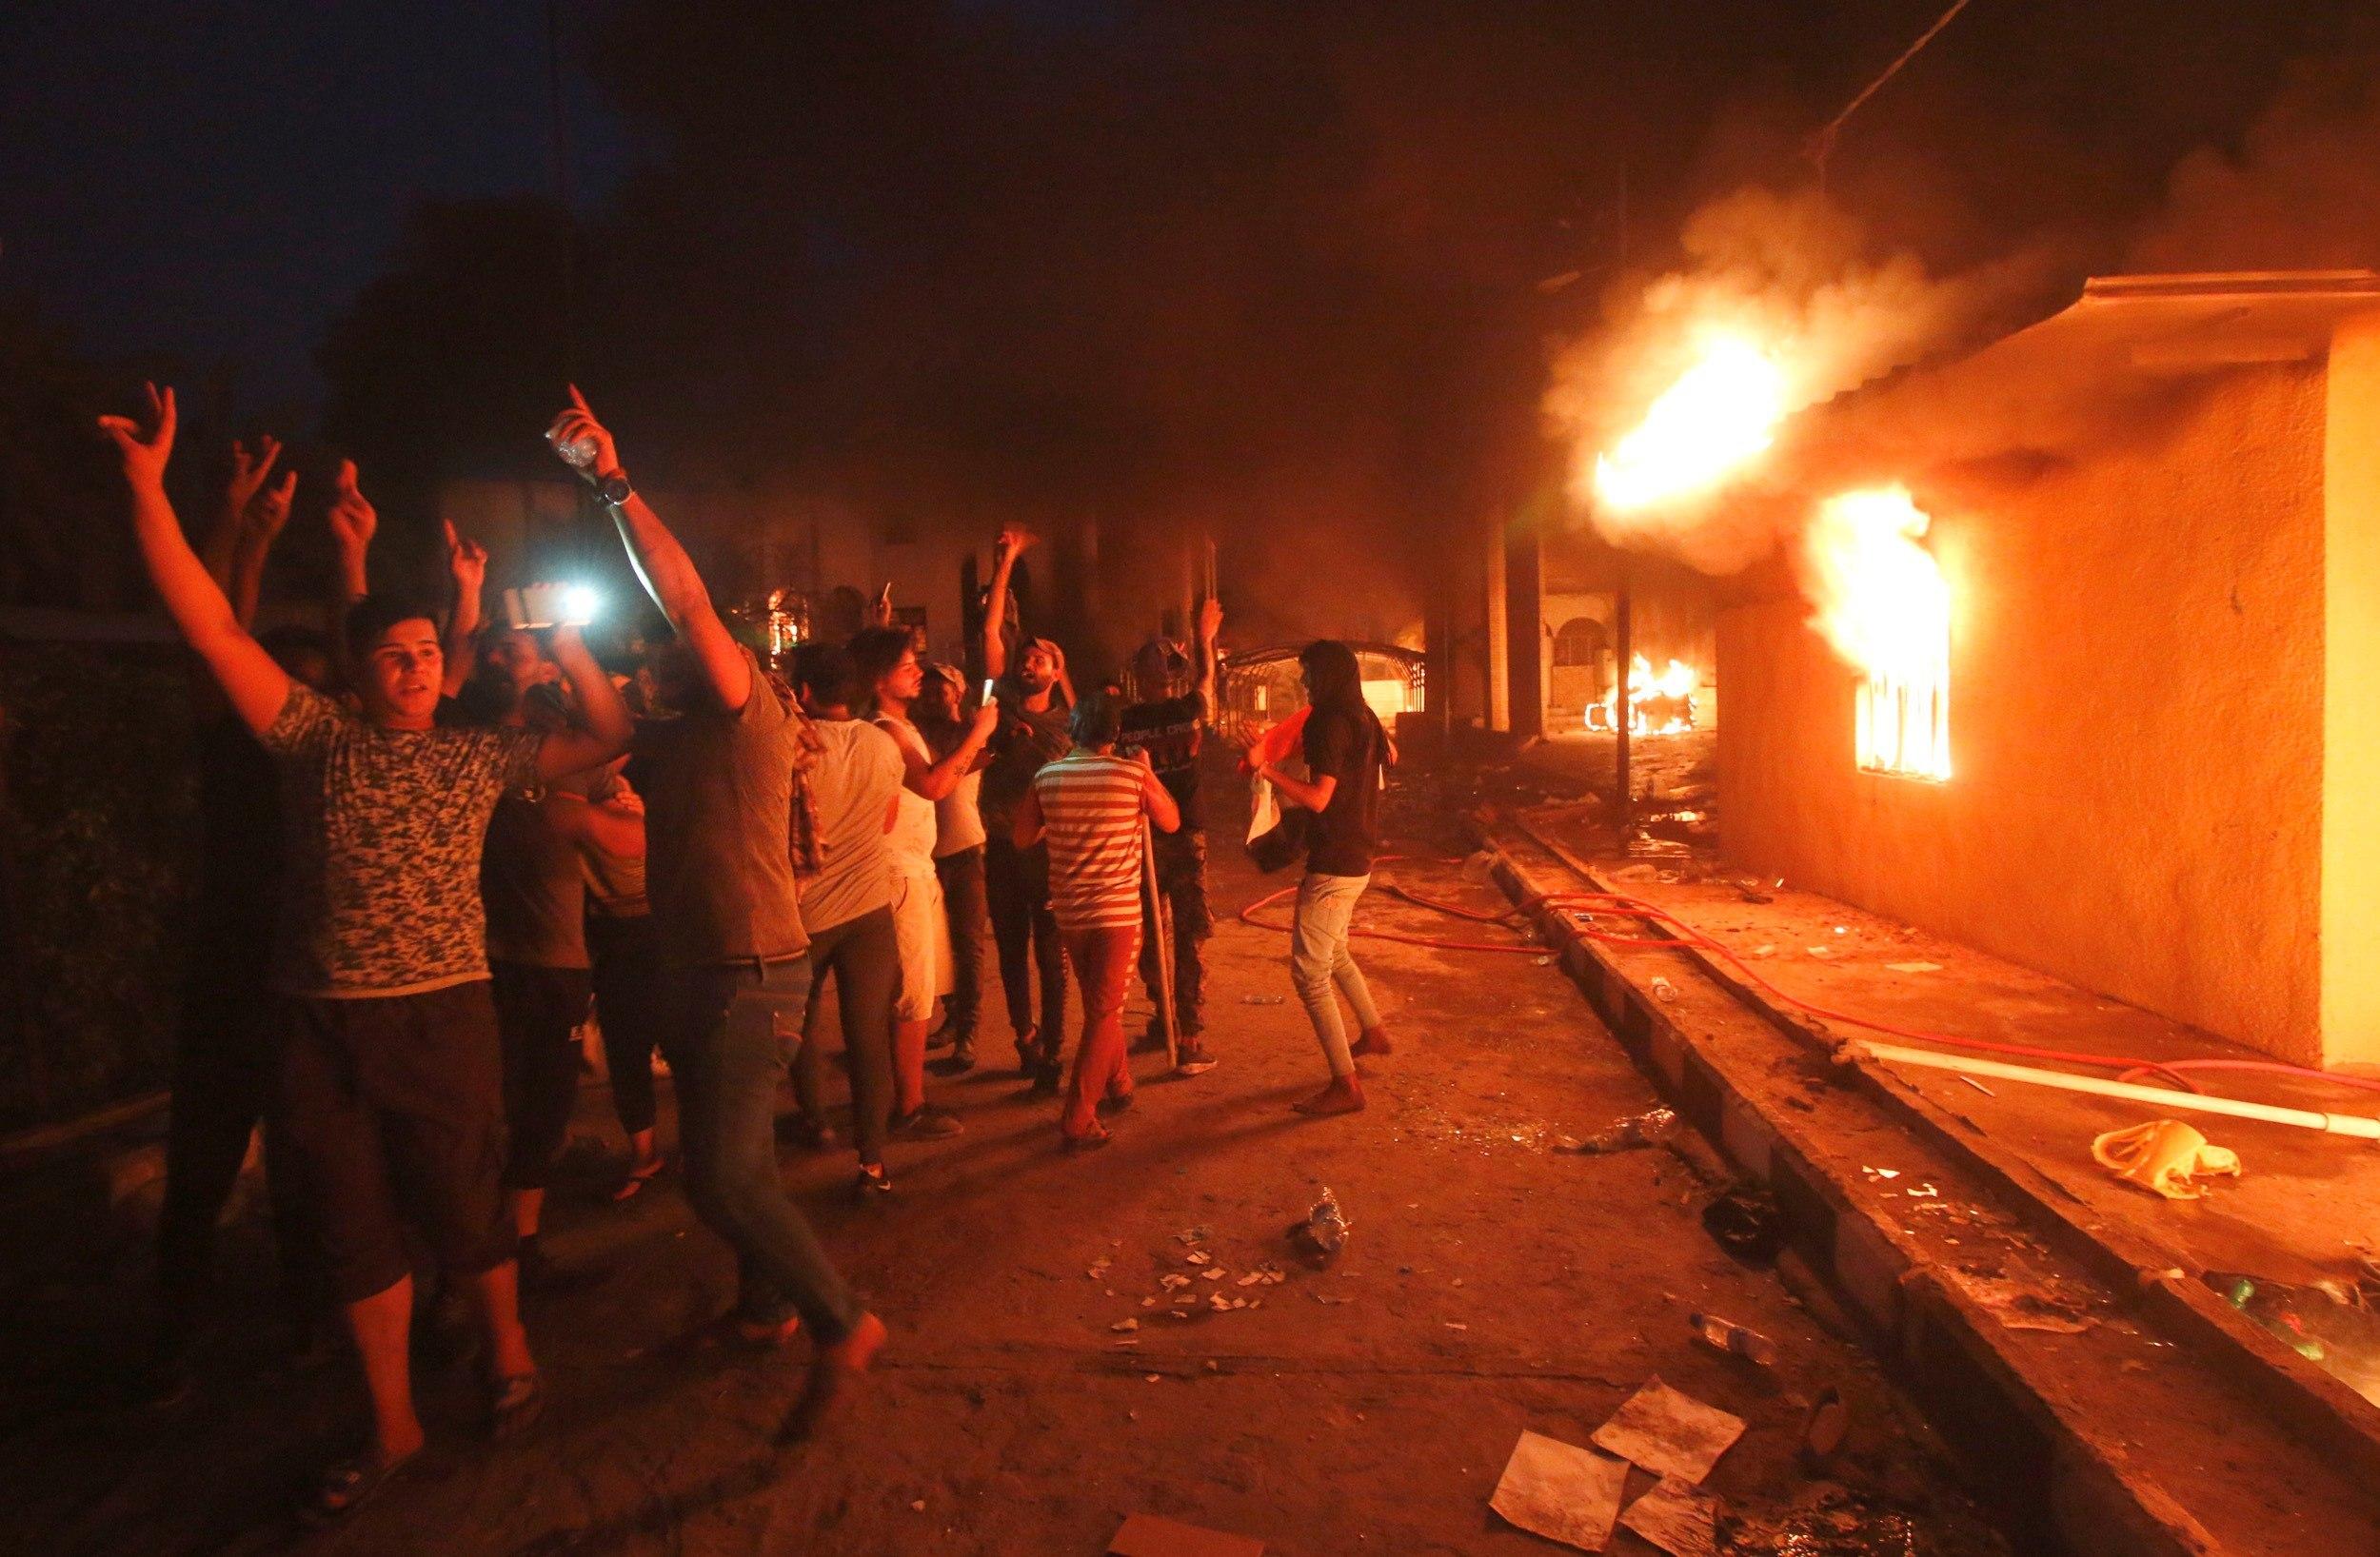 Manifestantes irrumpen y prenden fuego al consulado de Irán en Basora